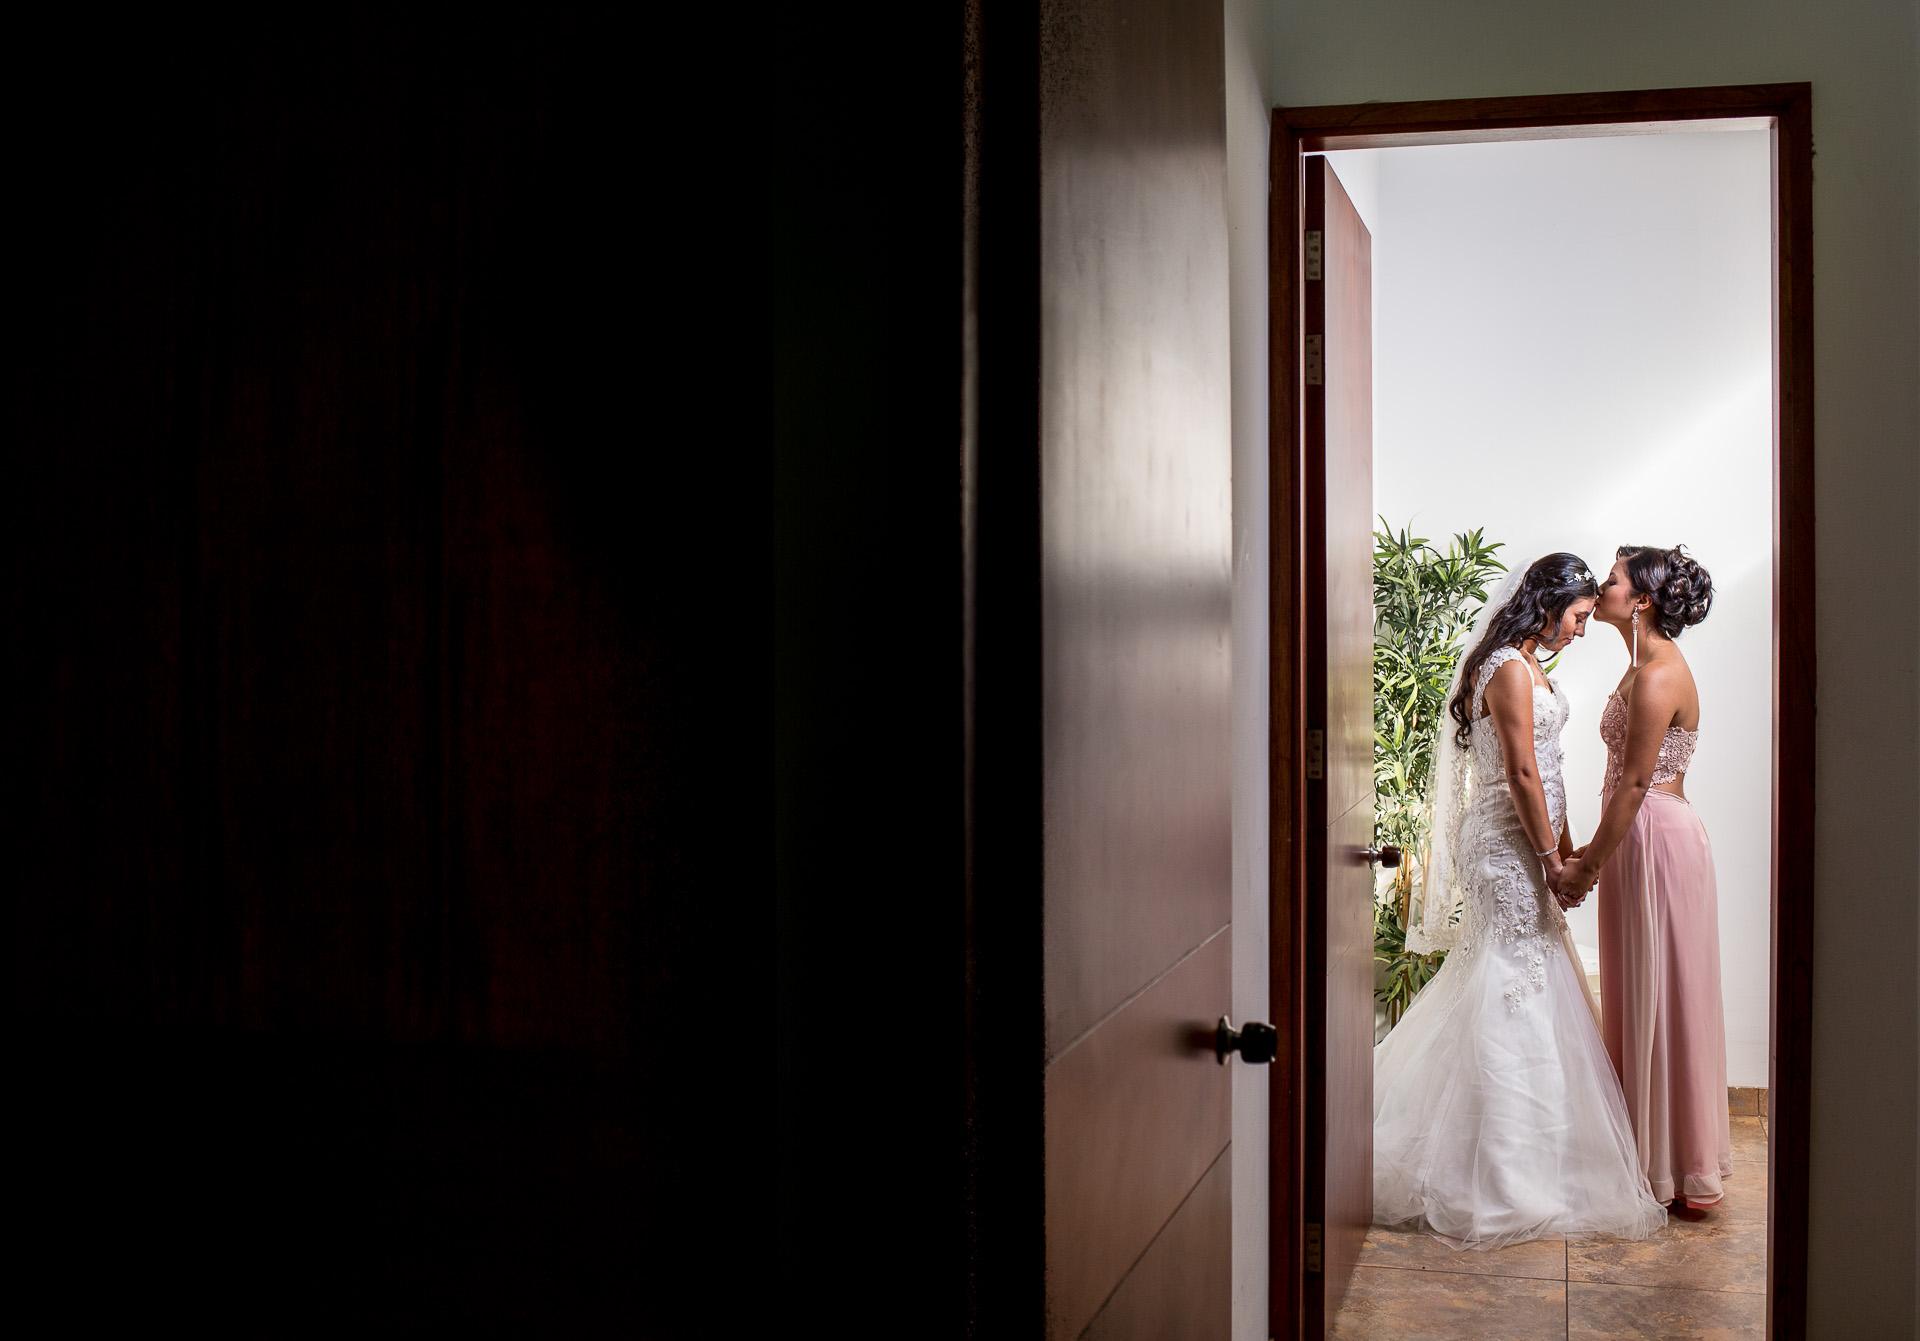 Fotógrafos-de-bodas-en-Colombia-Alejandro-y-Angelica-8 ALEJANDRO + ANGELICA